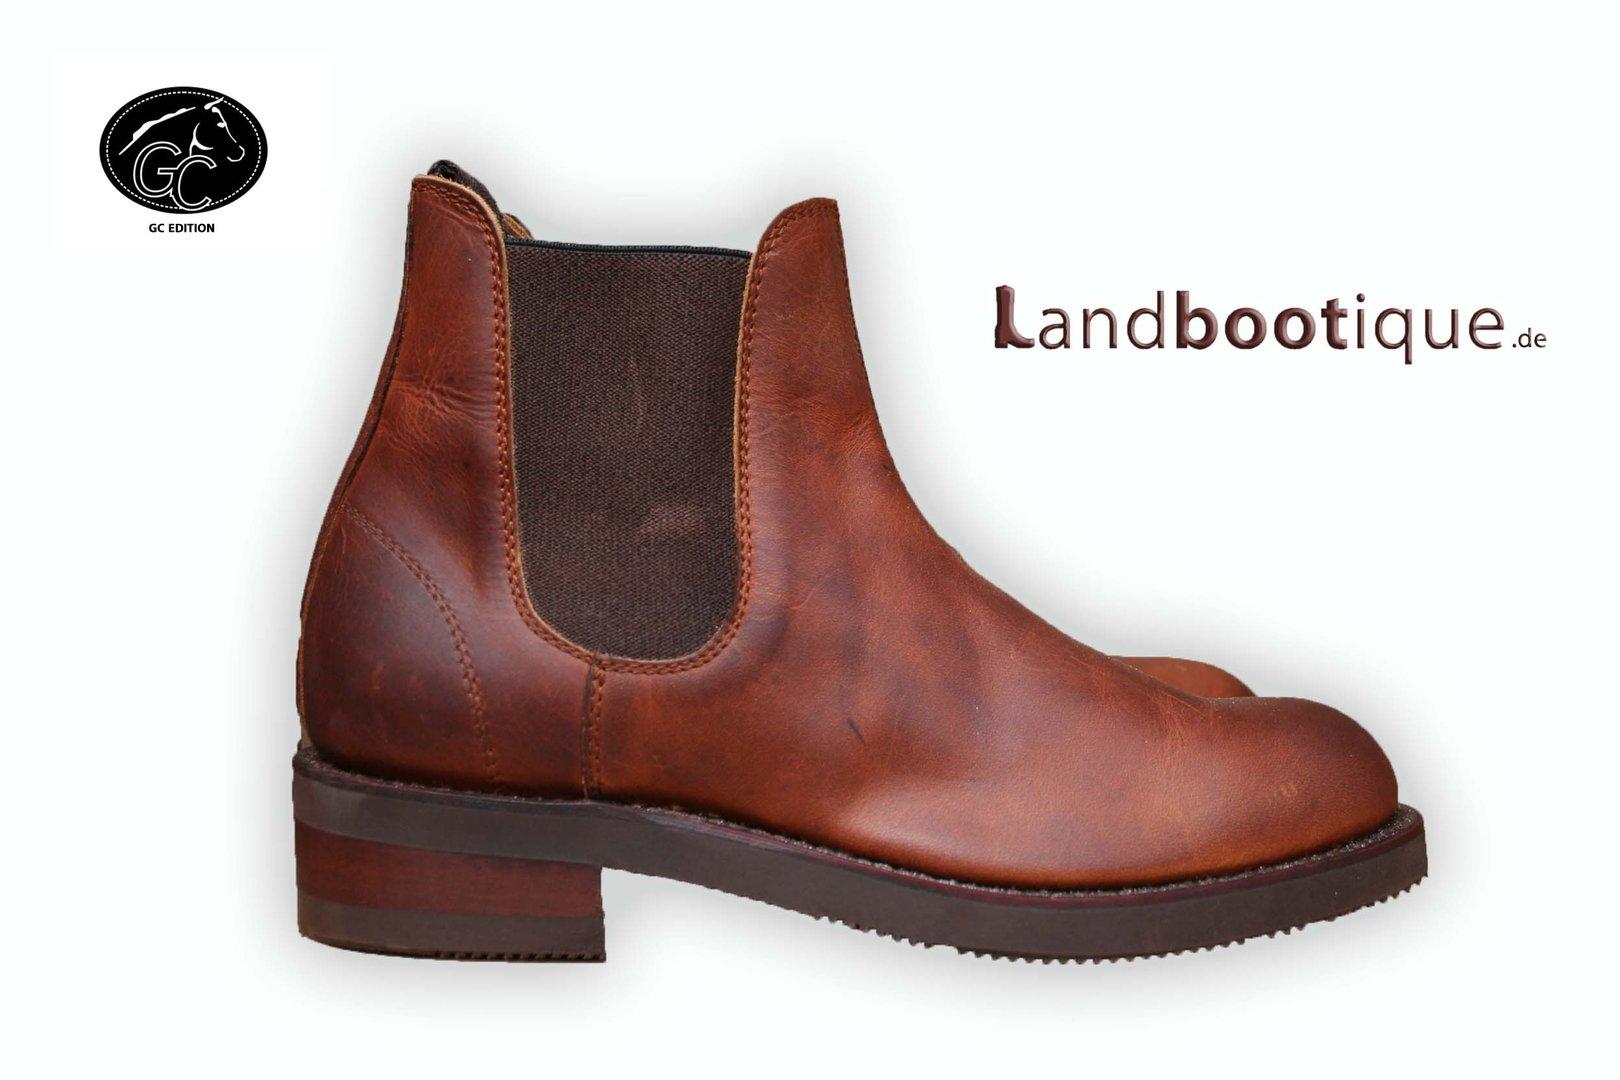 Chelsea-Boot-für-damen-und-herren-chelsea-stiefel-rahmengenäht b39ff785f6